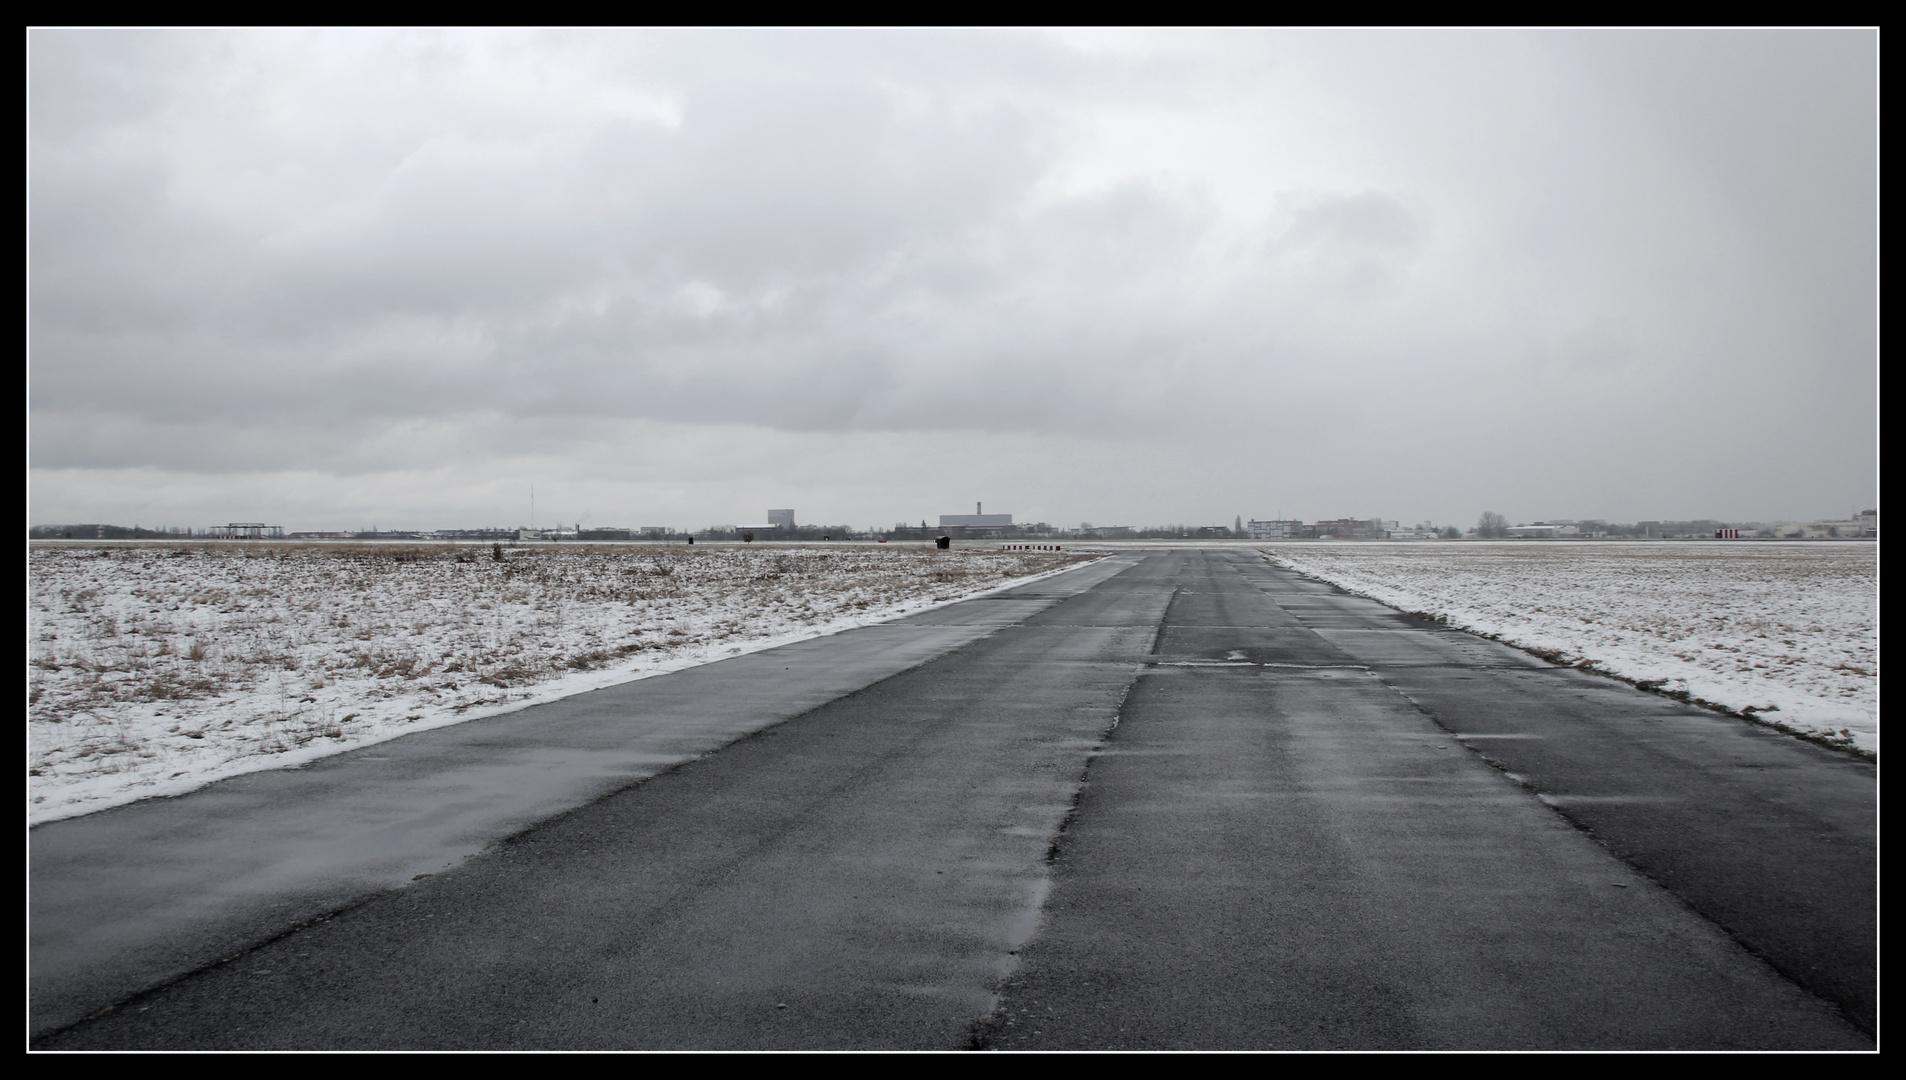 Flughafen Berlin - Tempelhof (14)